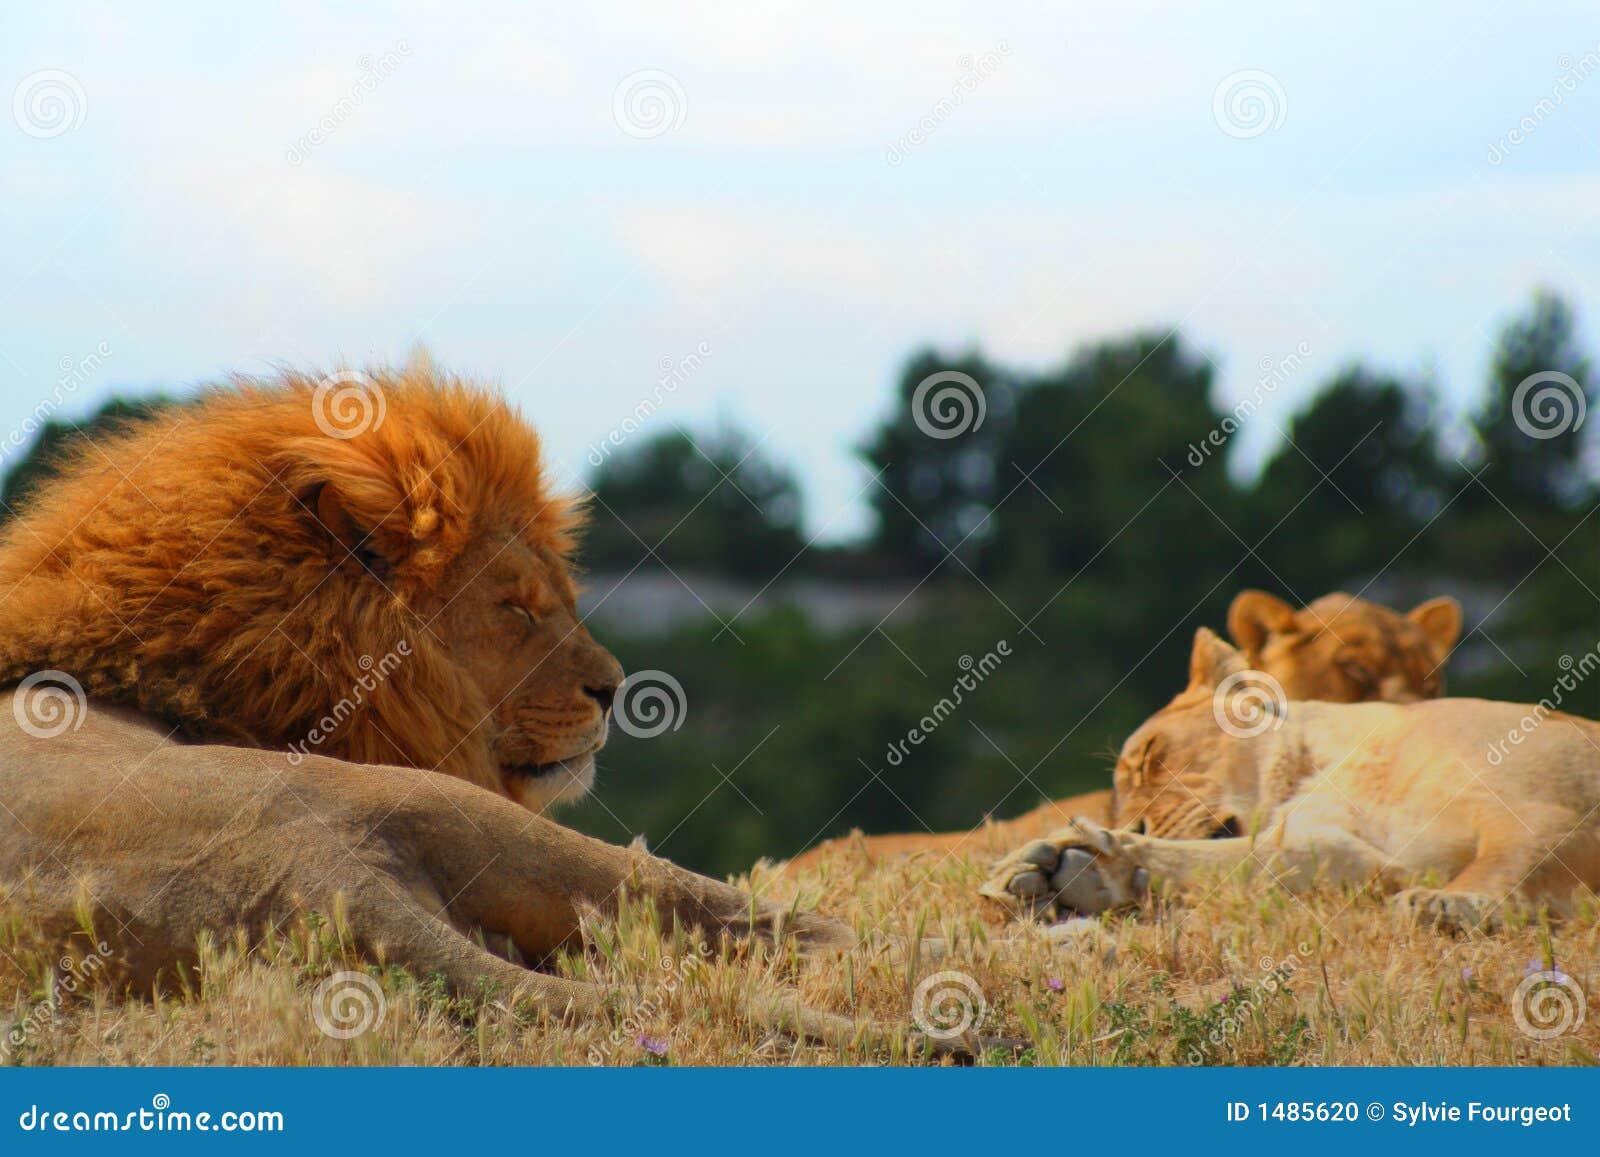 Somme des lions.